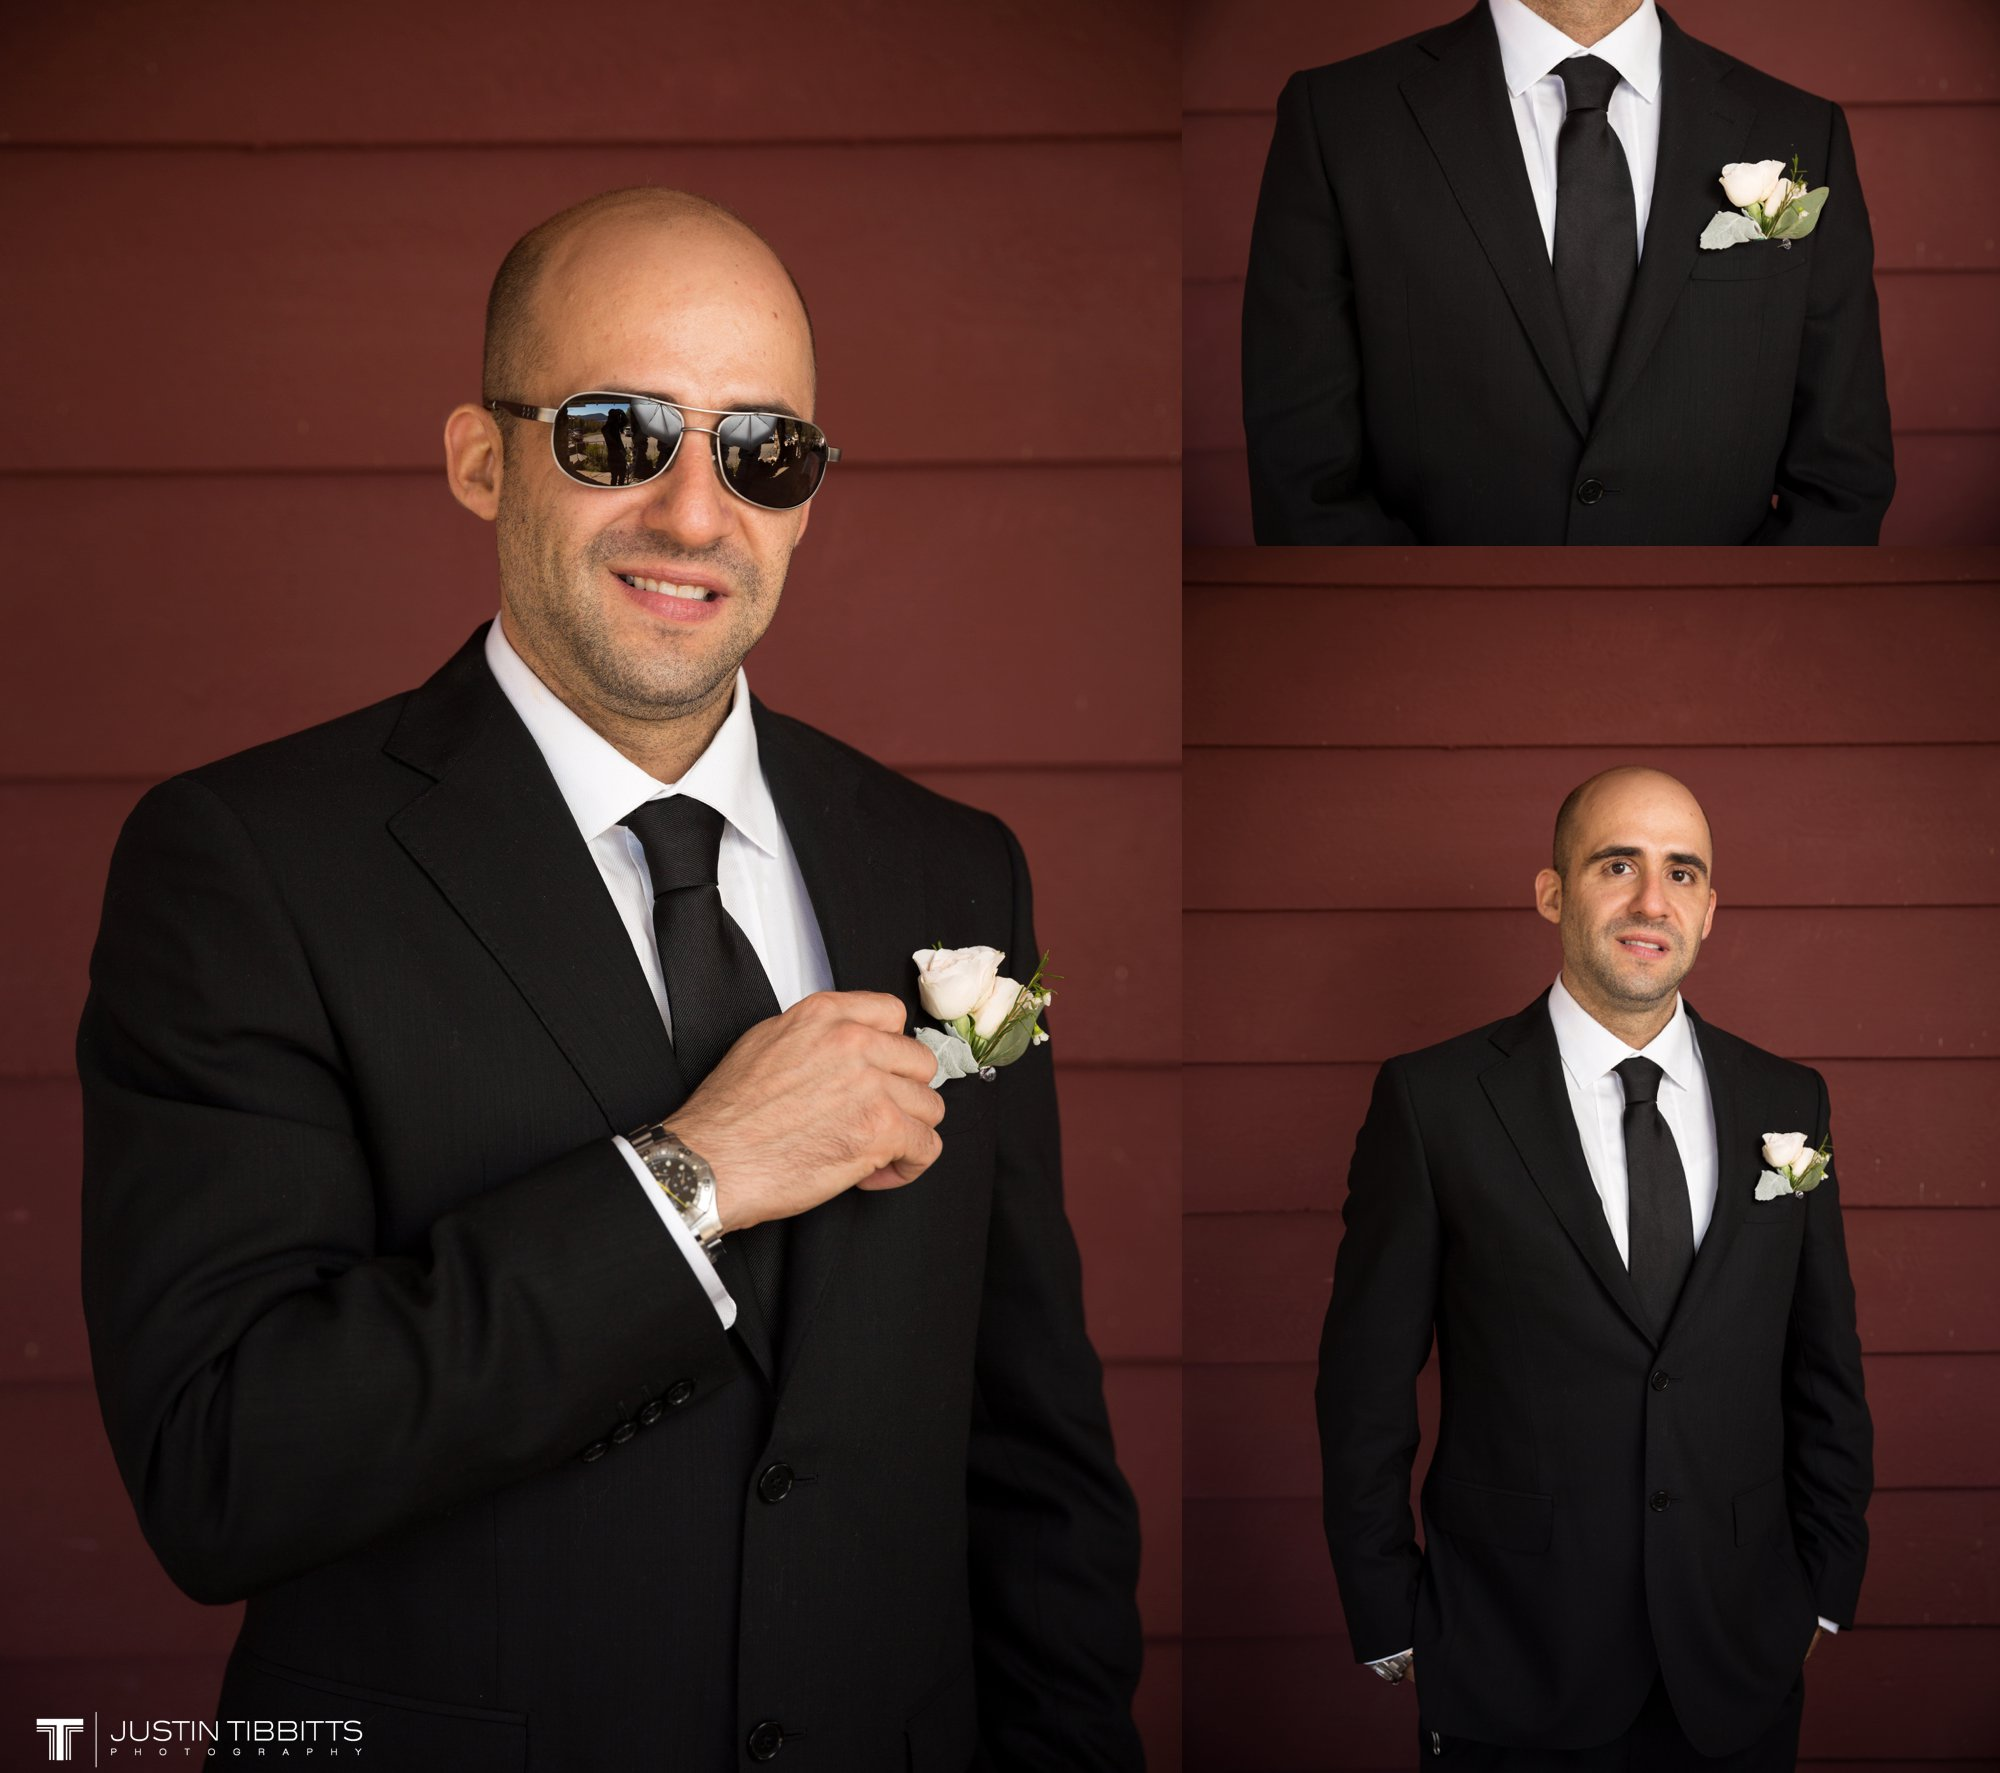 Albany NY Wedding Photographer Justin Tibbitts Photography 2014 Best of Albany NY Weddings-3424119